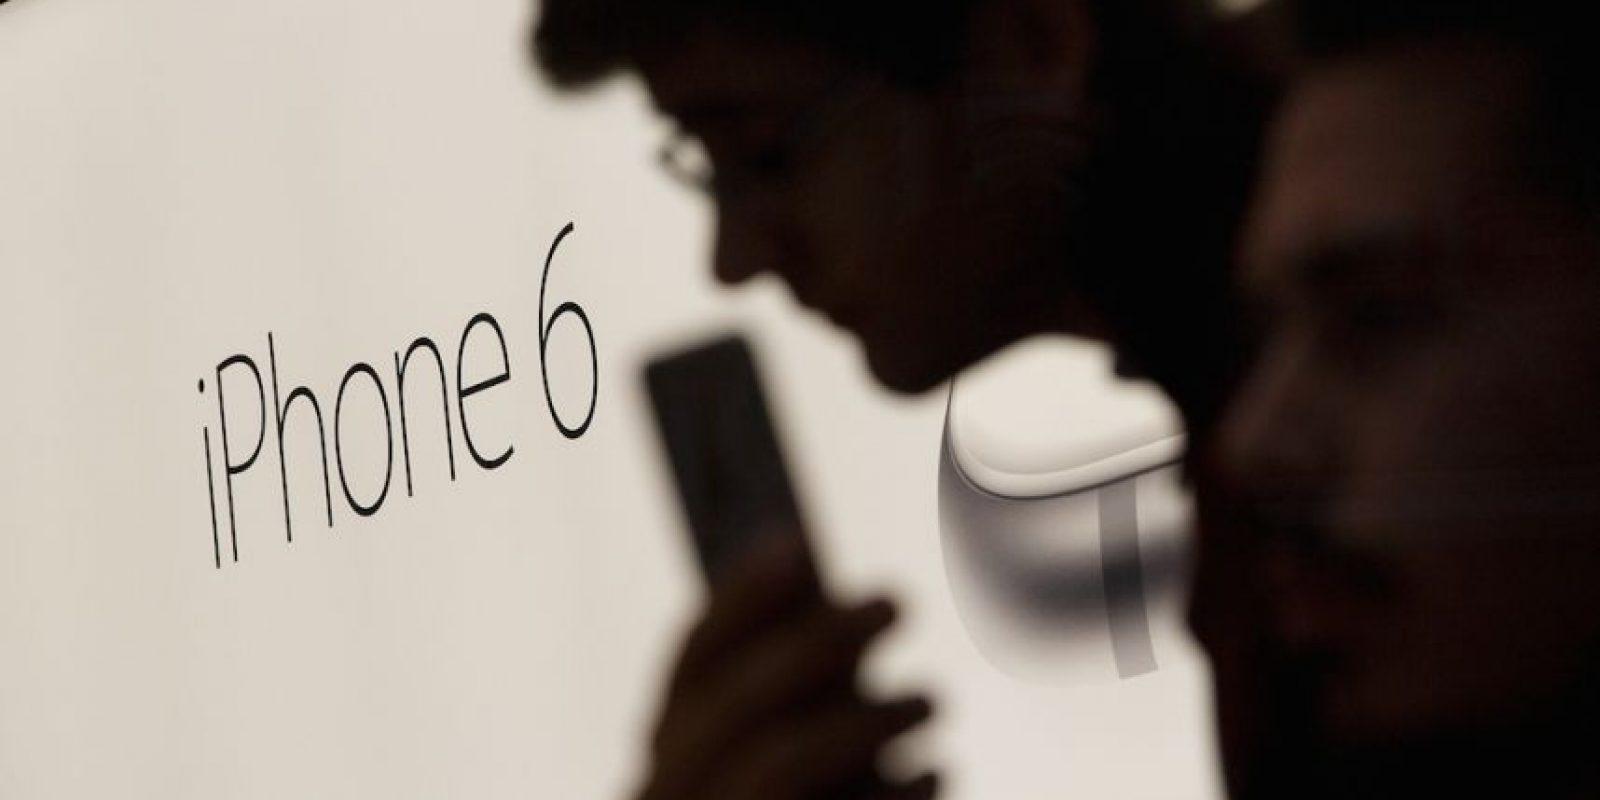 iPhone 6 fue presentado en septiembre pasado por Apple. Foto:Getty Images